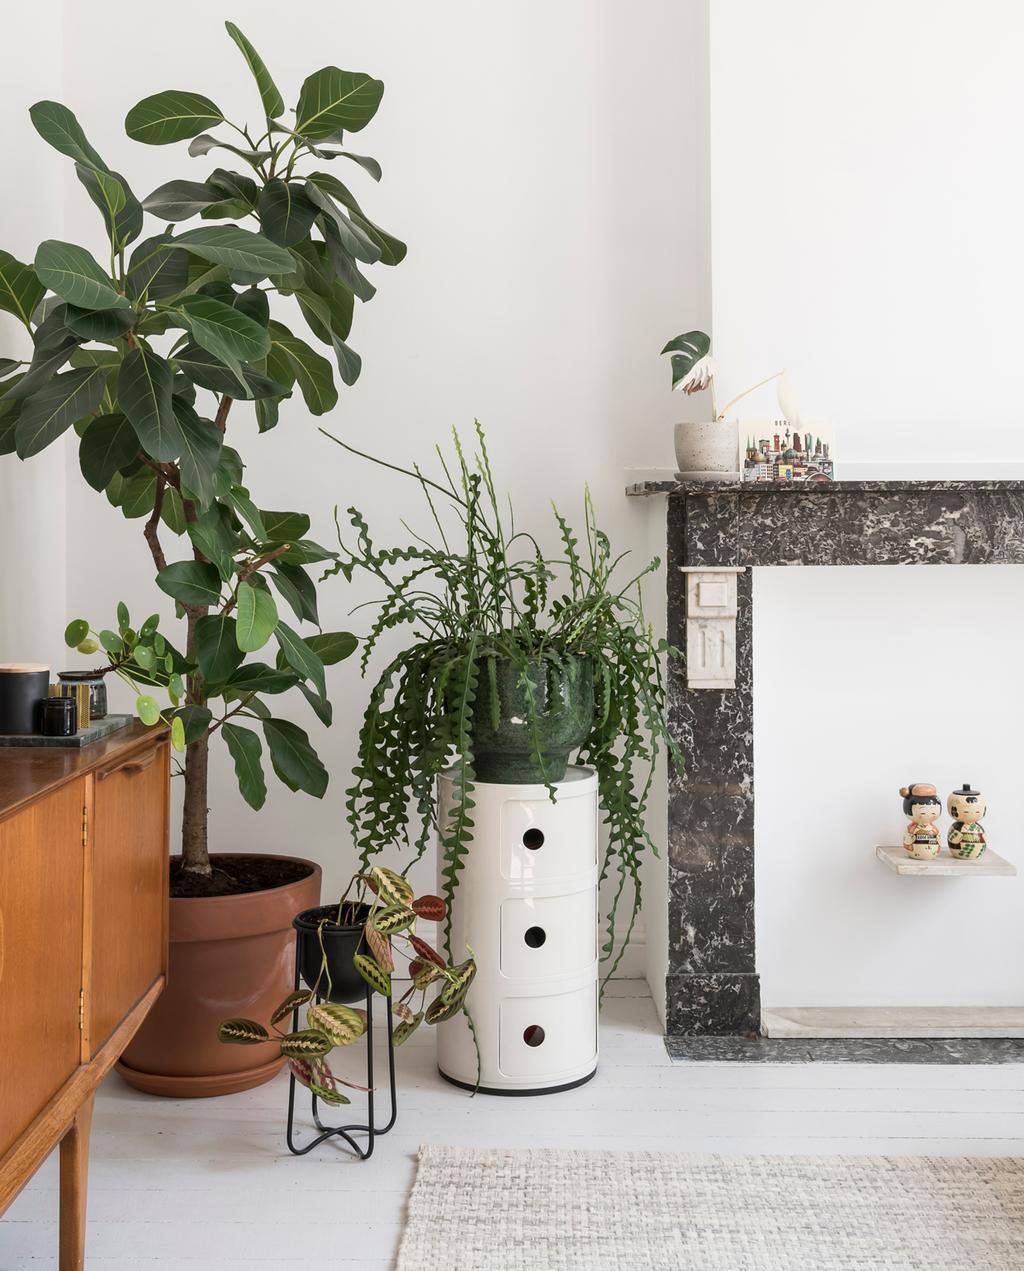 vtwonen 13 | Binnenkijken in een burgerwoning in Antwerpen woonkamer schouw